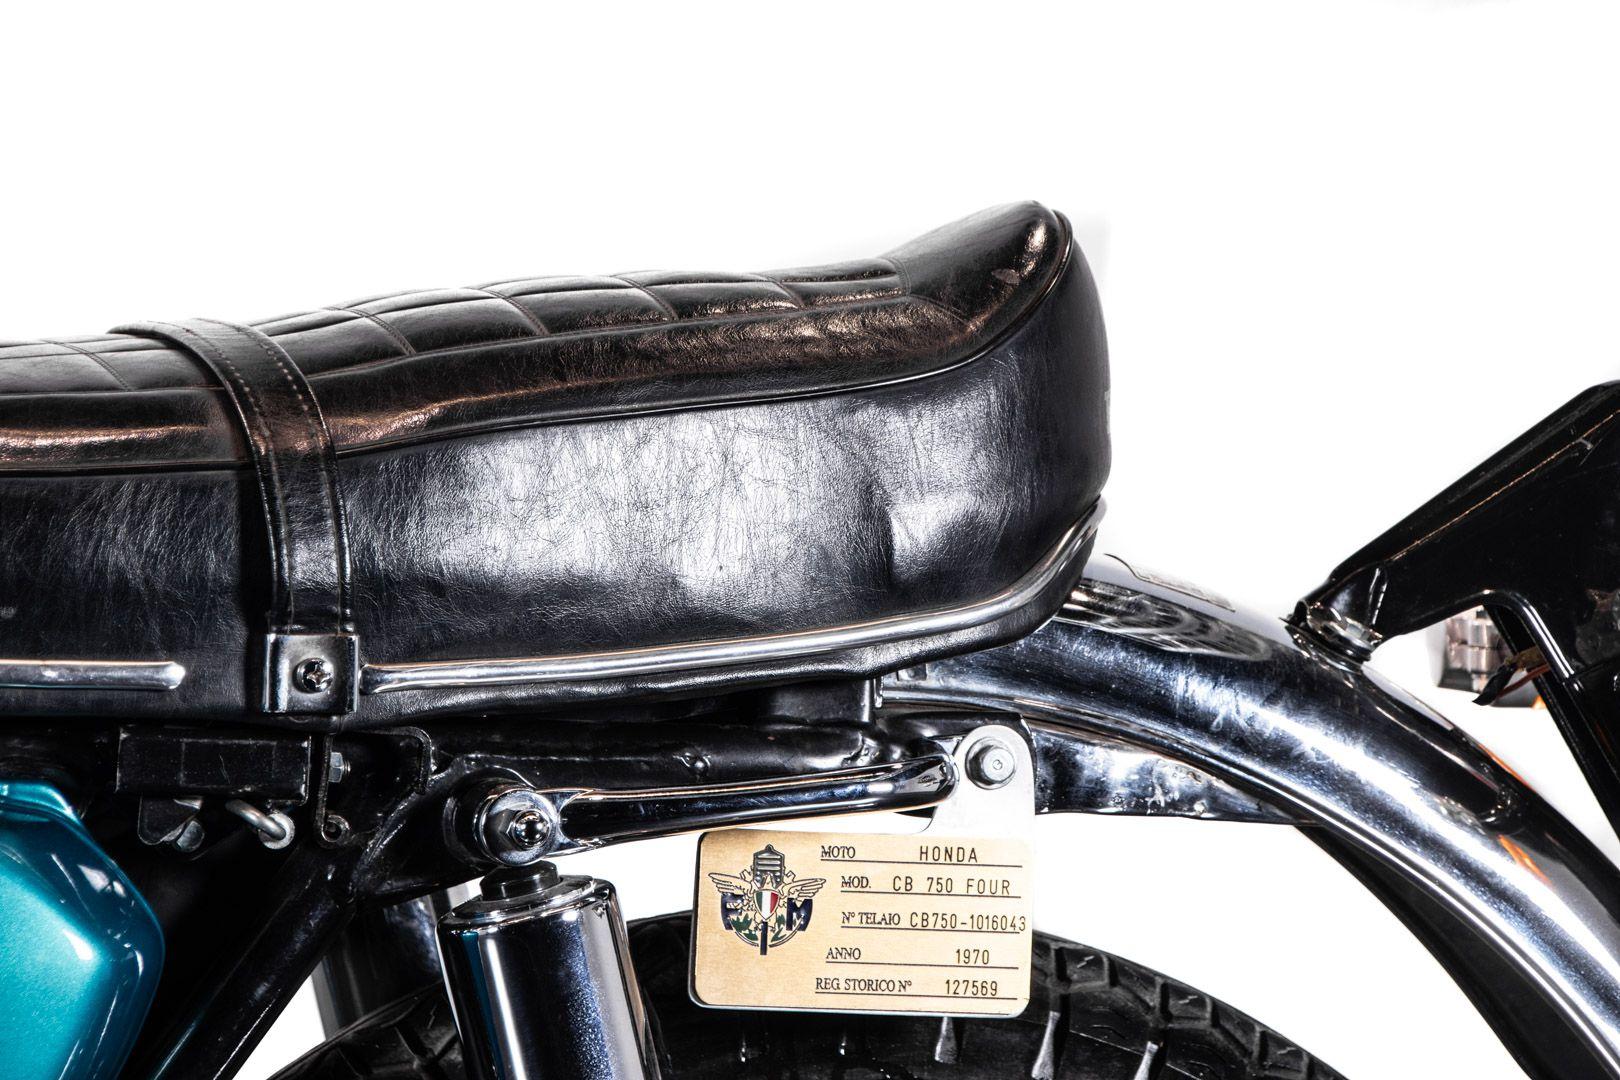 1970 Honda CB 750 Four K0 83836